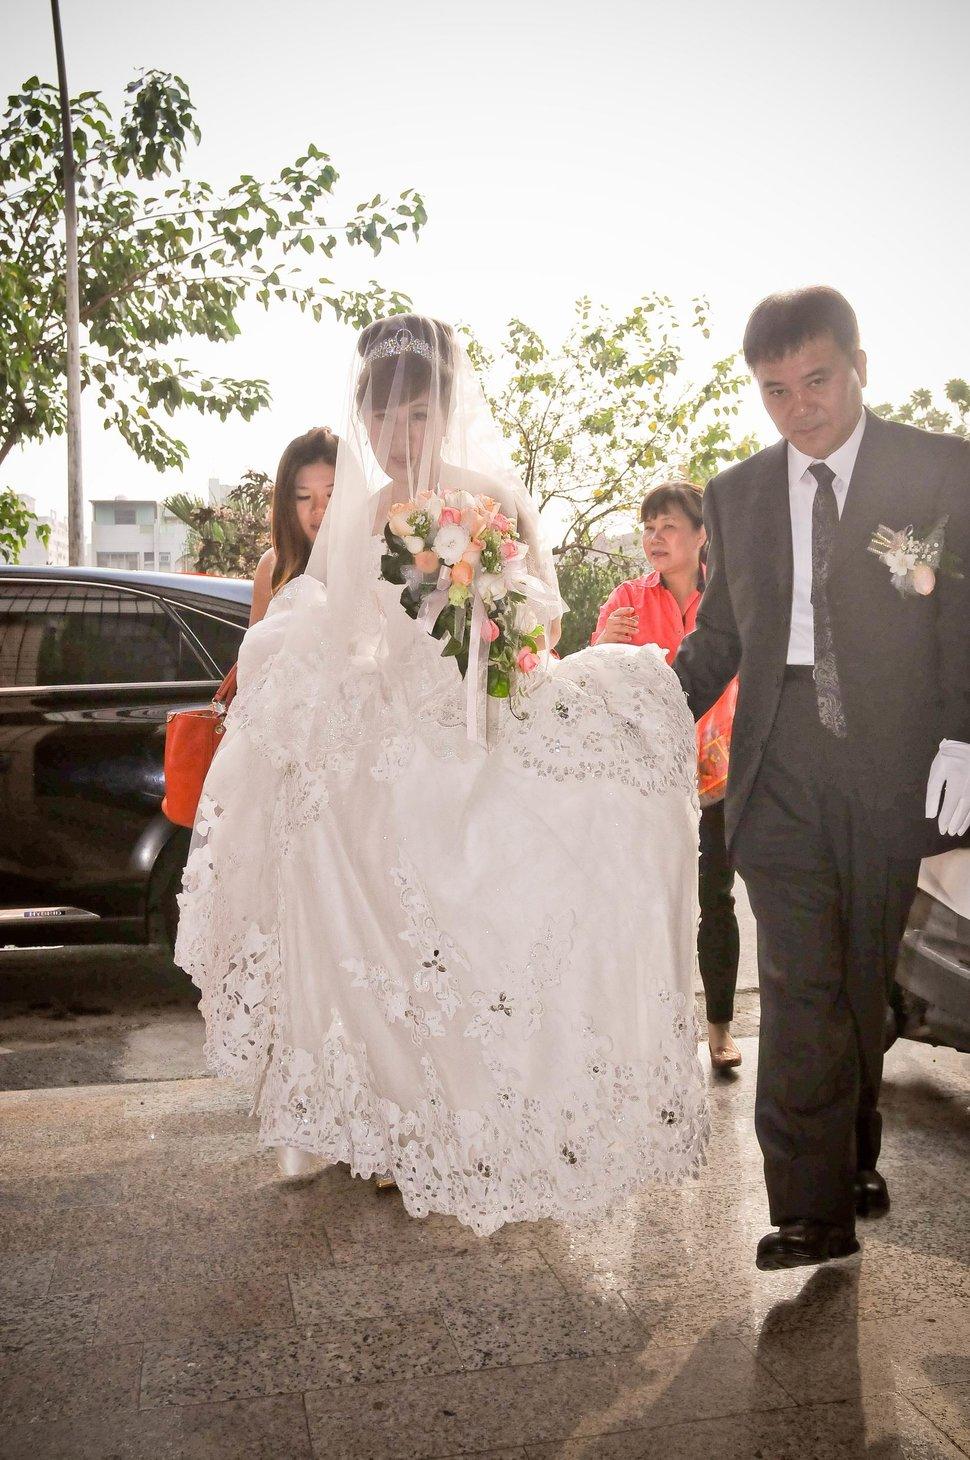 專業婚攝婚禮紀錄婚禮紀錄專業錄影婚禮錄影婚禮記錄動態微電影錄影專業錄影平面攝影婚攝婚禮主持人(編號:280454) - 蜜月拍照10800錄影12800攝影團隊 - 結婚吧